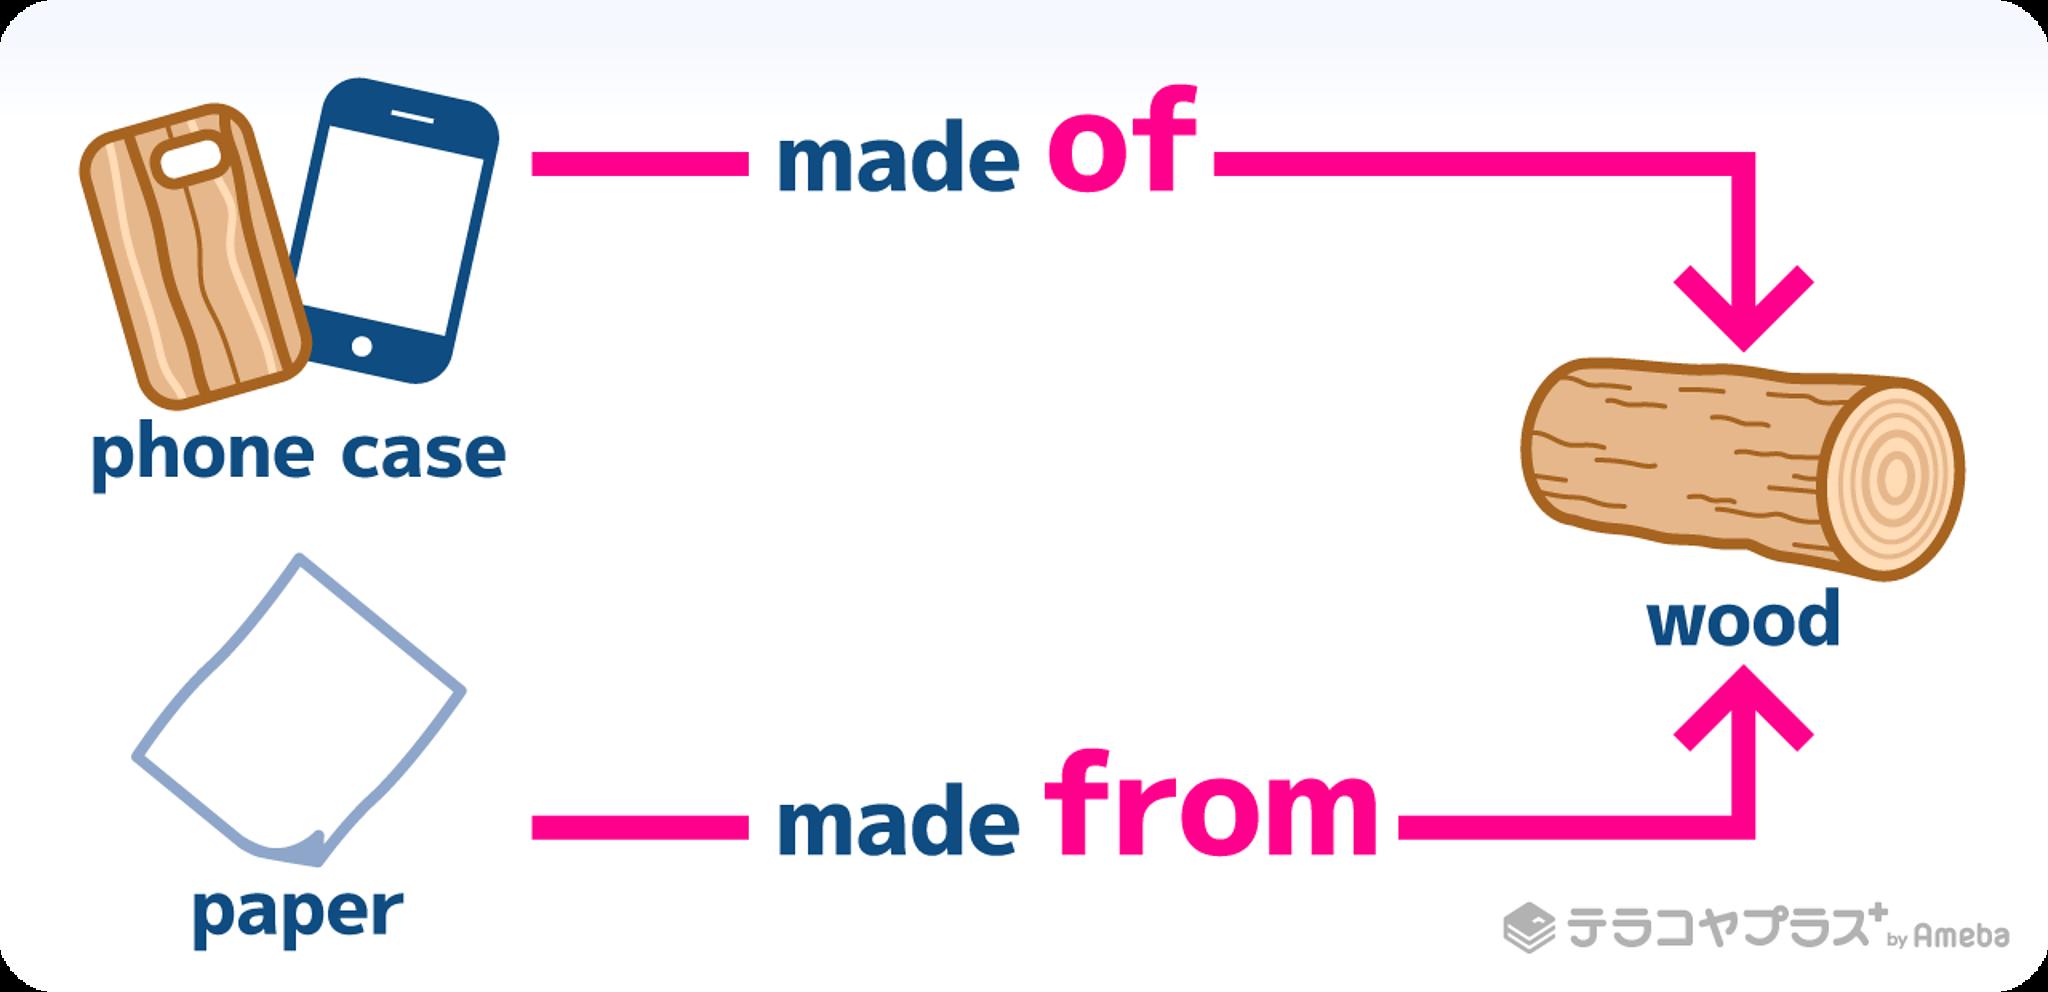 材料を表す前置詞made of・made from